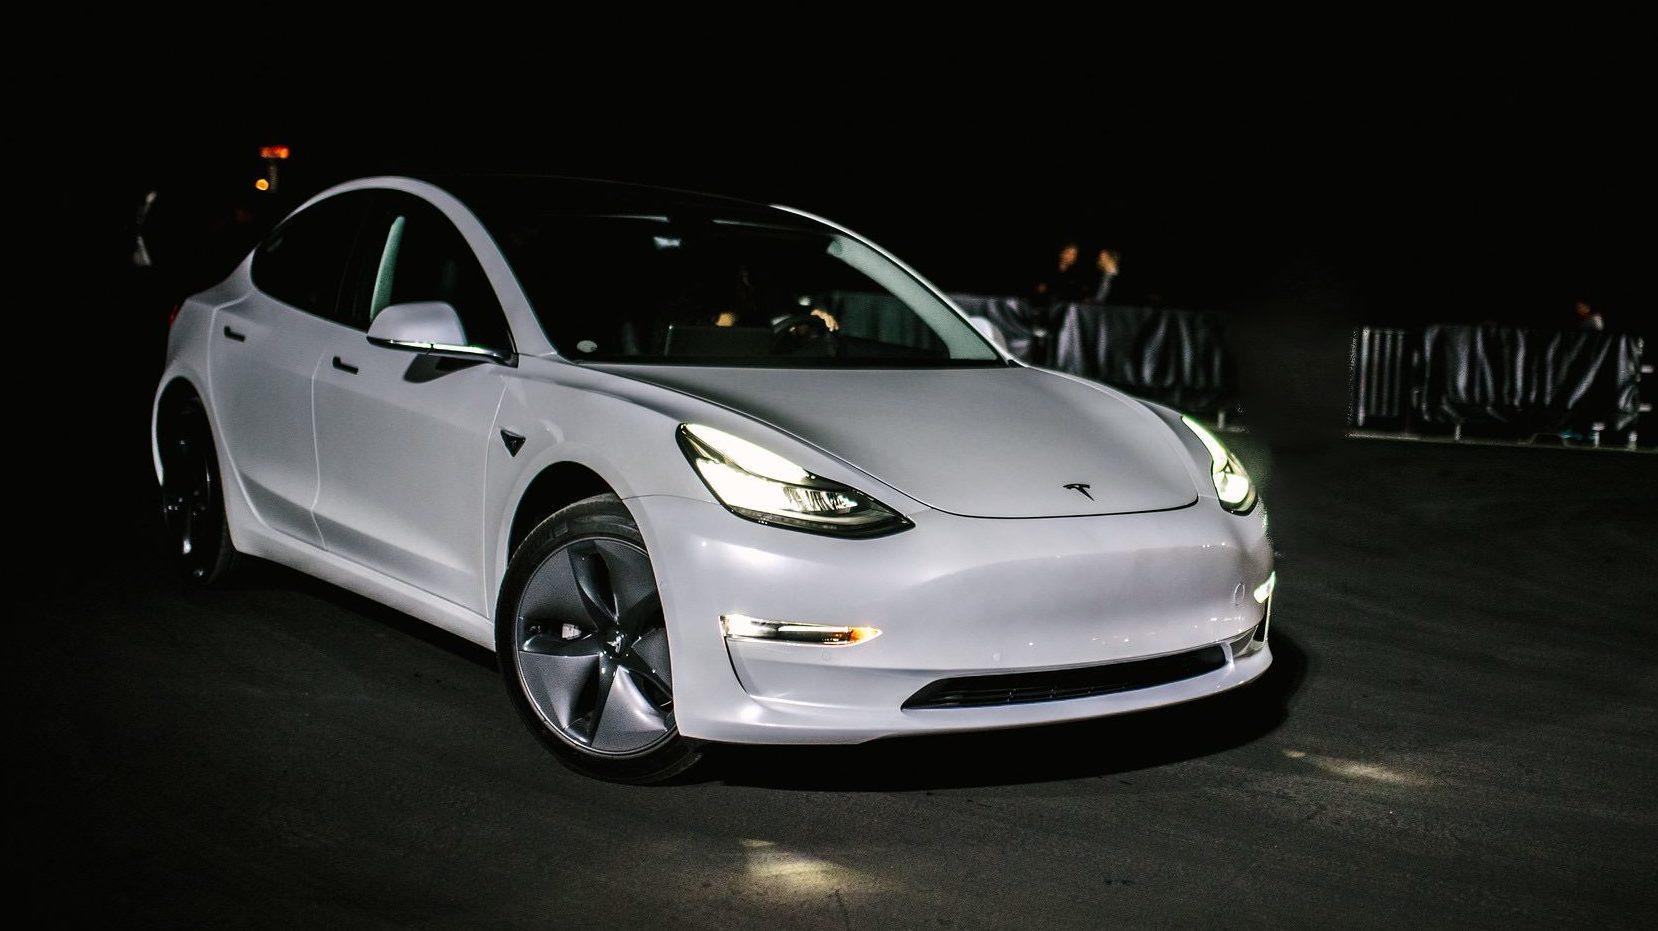 Илон Маск рассказал о двухмоторной Tesla 1